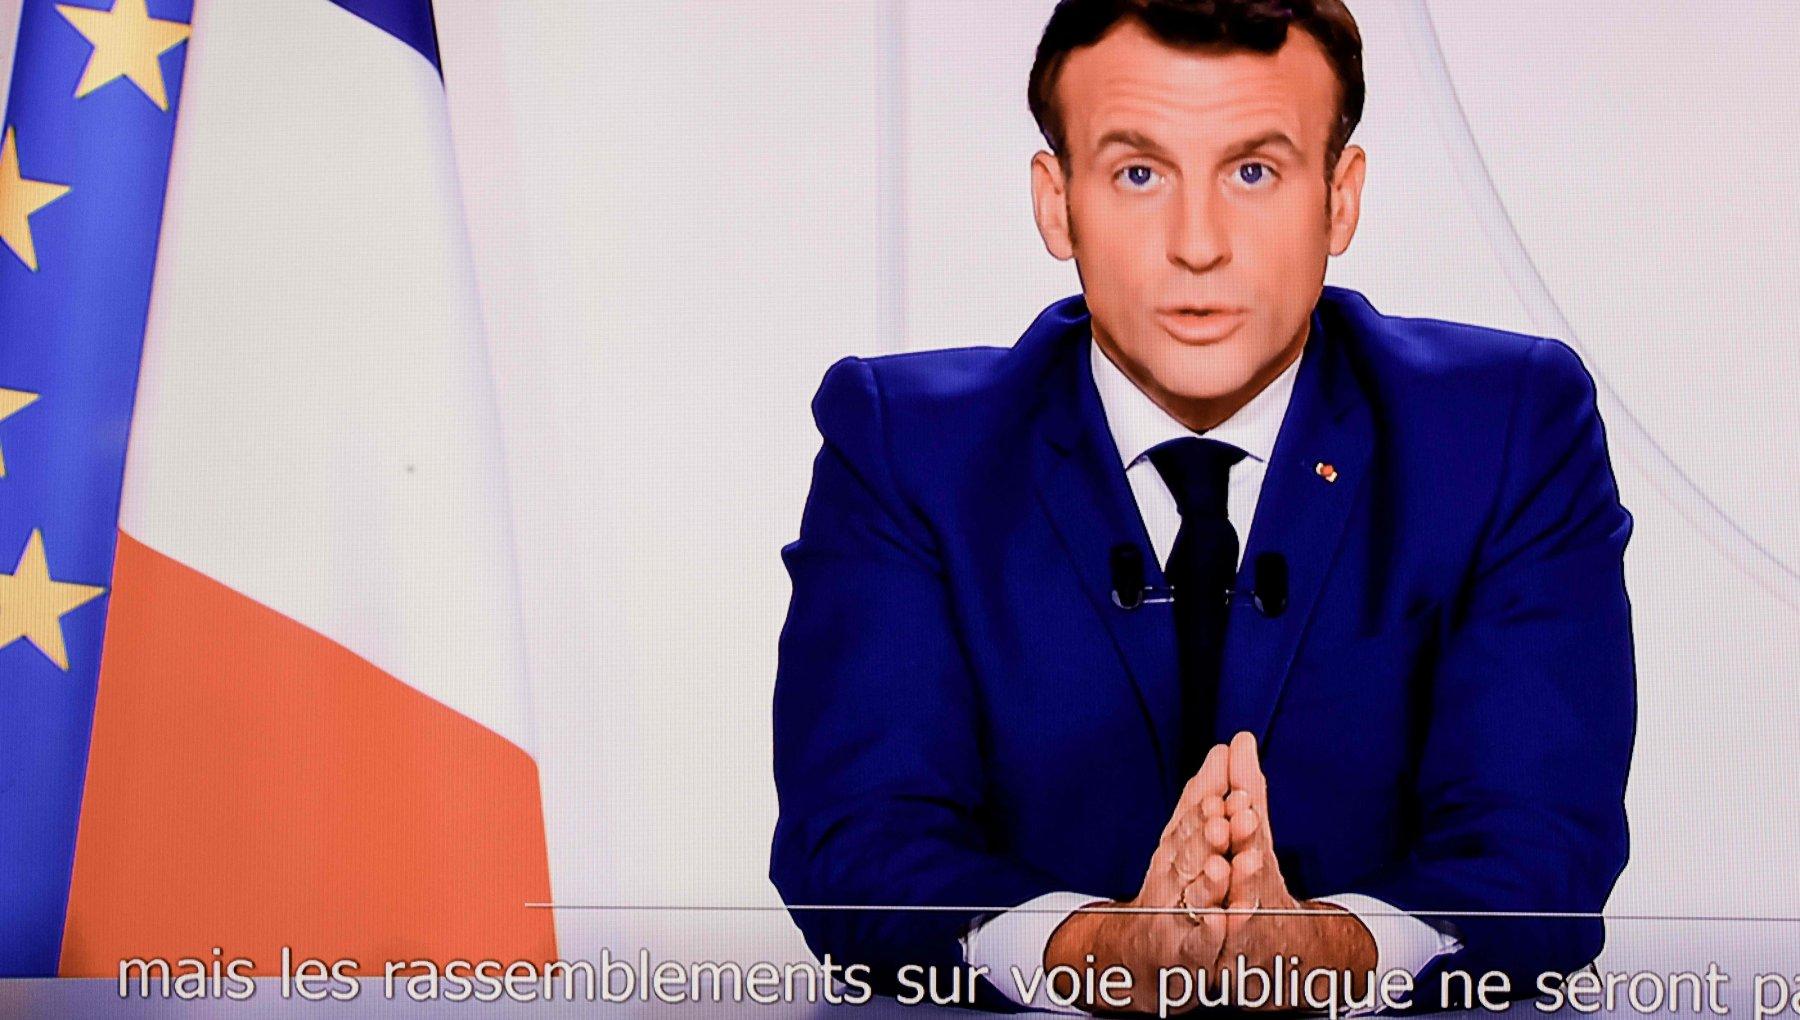 Francia Macron Da sabato riapriranno i negozi. Dal 15 dicembre coprifuoco dalle 21